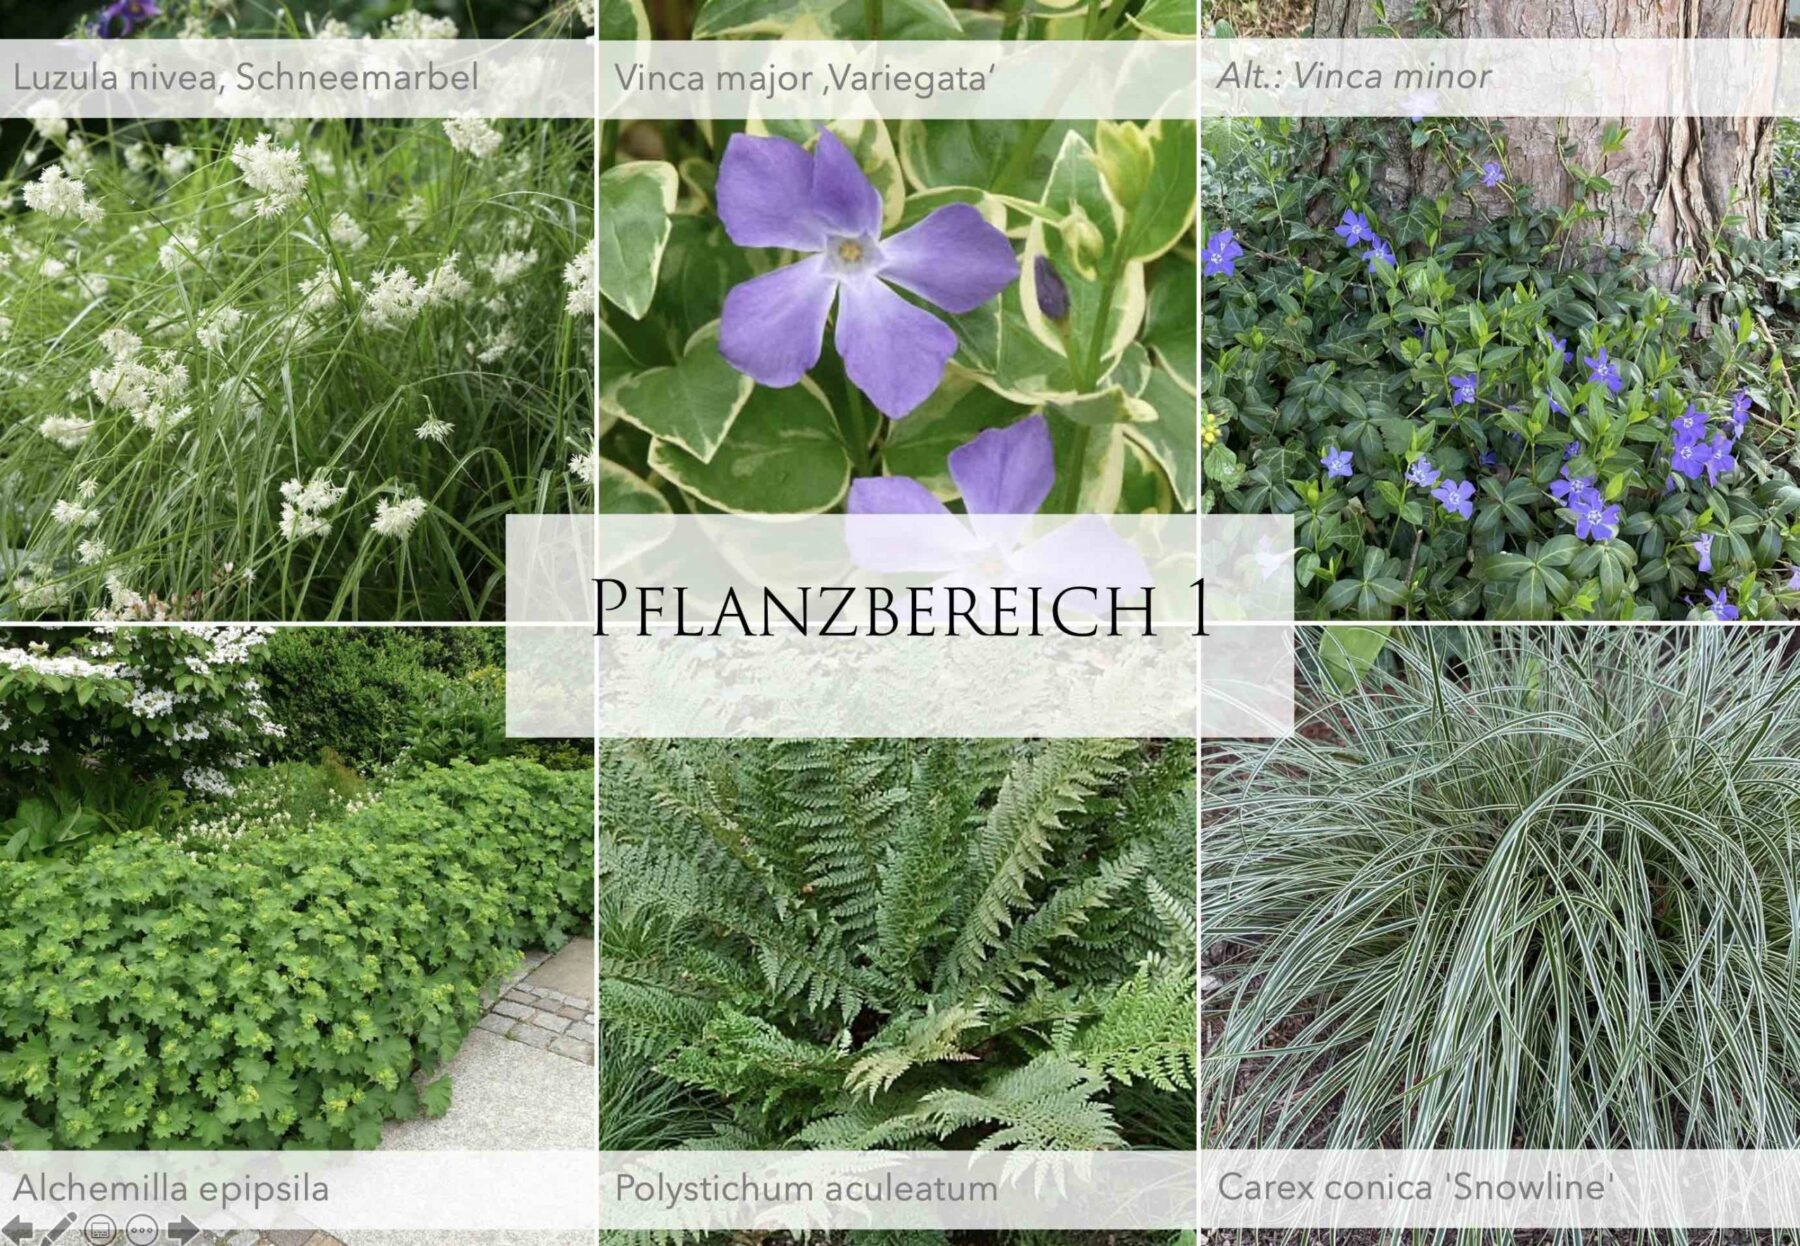 Pflanzplanung mit Grün, Violett und Weiß